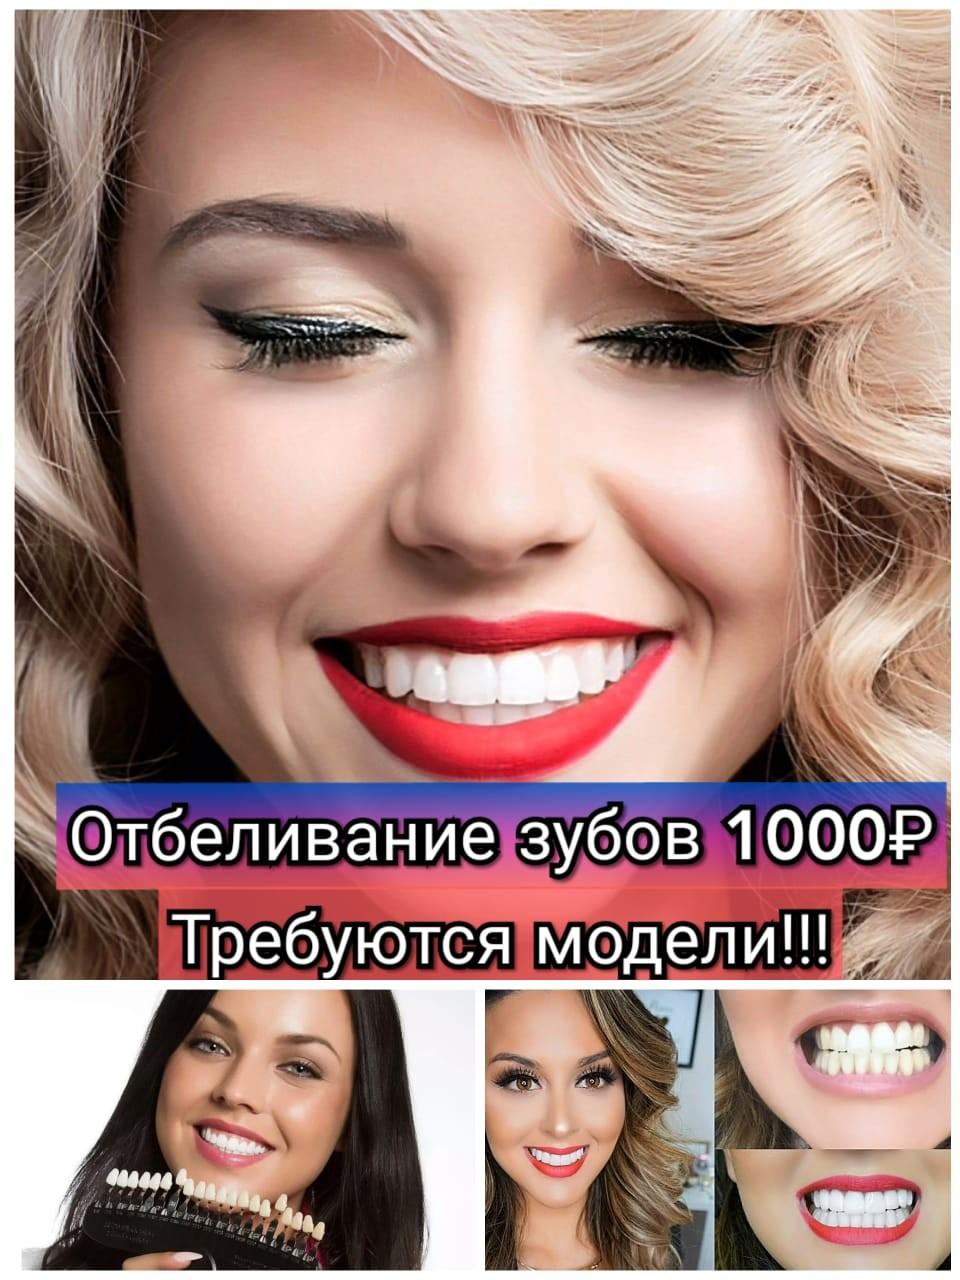 Набираем моделей на отбеливание зубов за расходники!